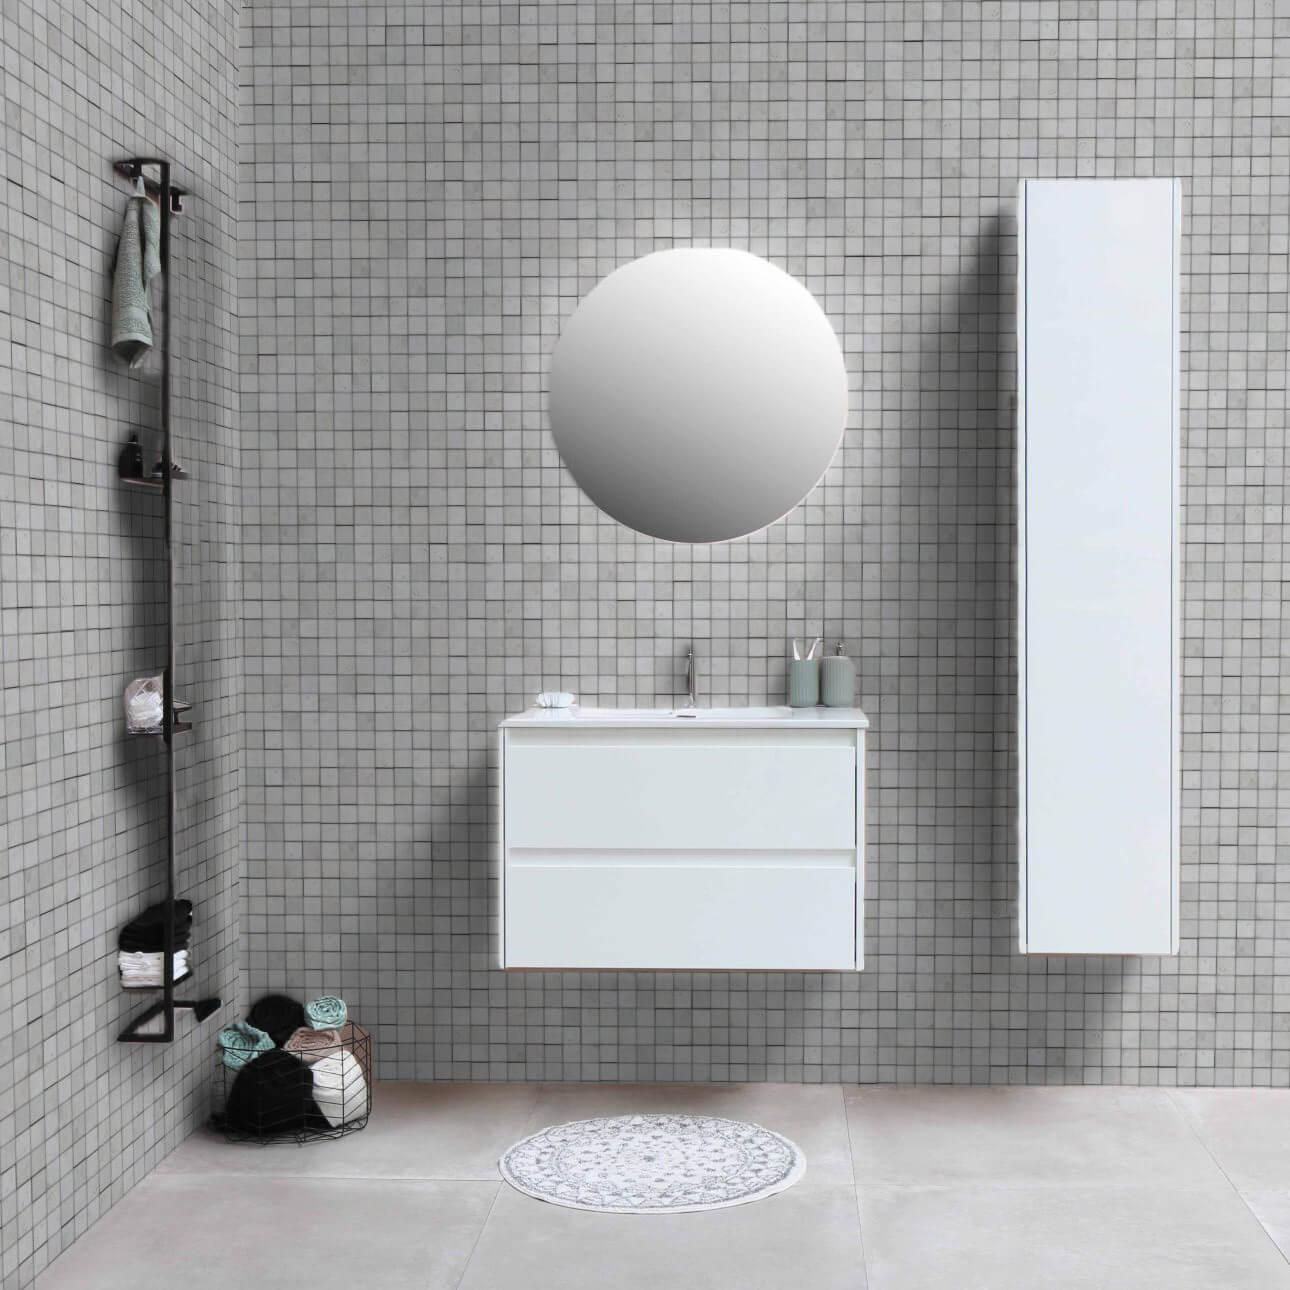 Opus de marbre White 5x5 cm